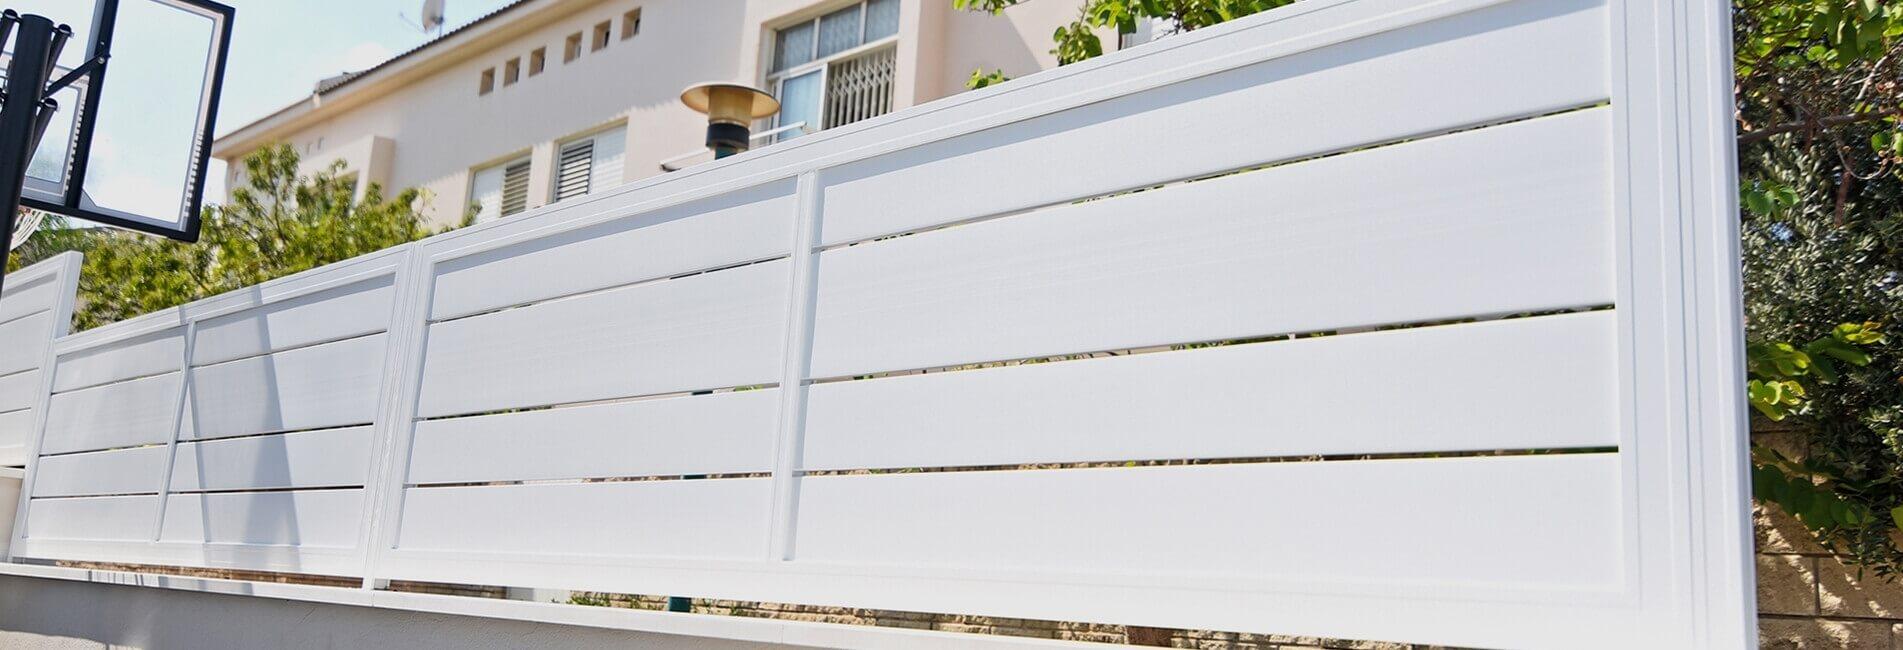 גדר מעוצבת מבית עידן השערים